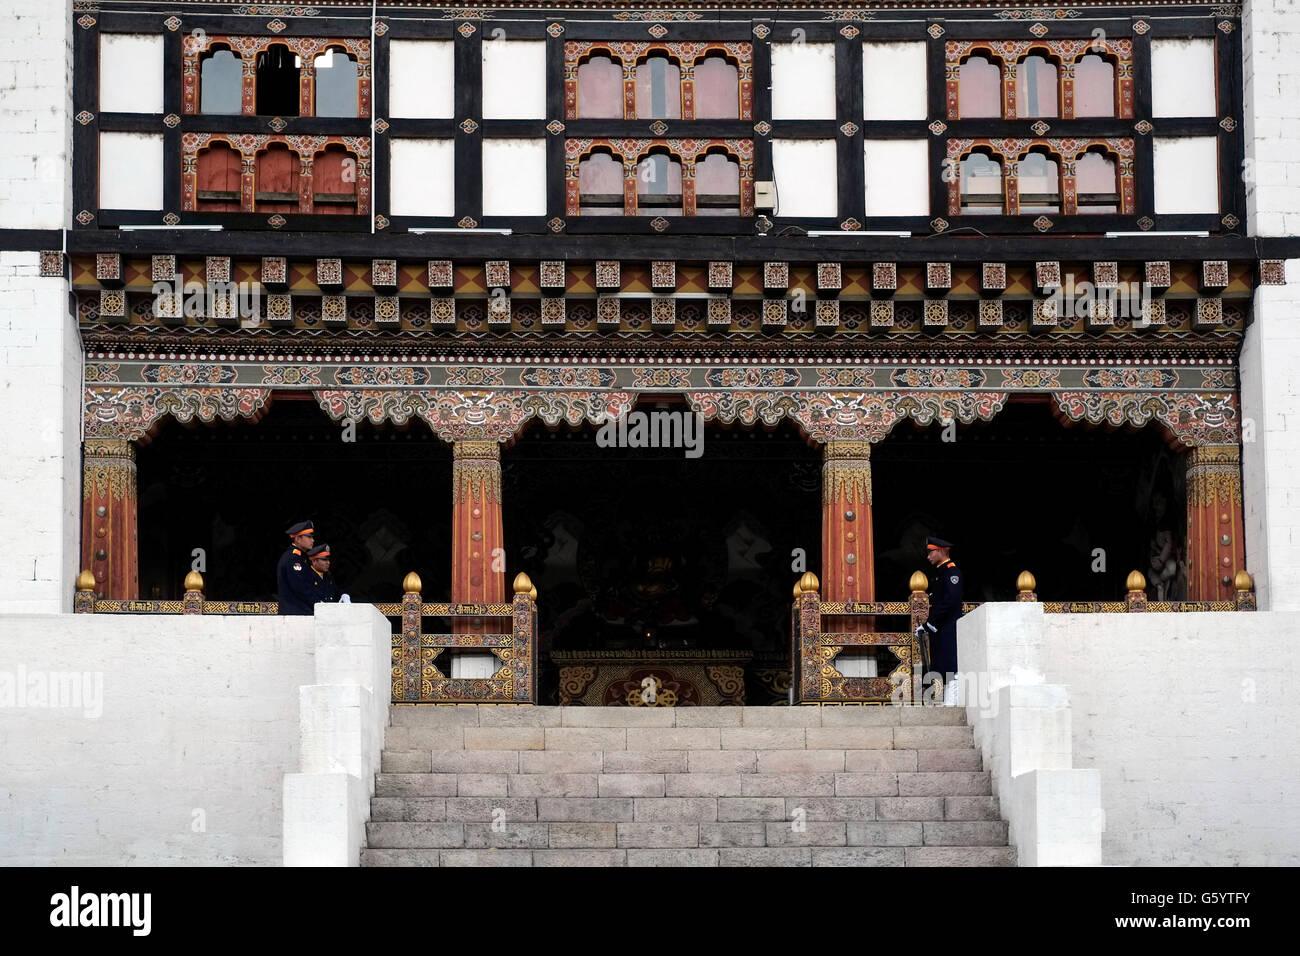 L'entrée dans les bureaux de l'état Tashichho Dzong forteresse de siège du gouvernement du Photo Stock